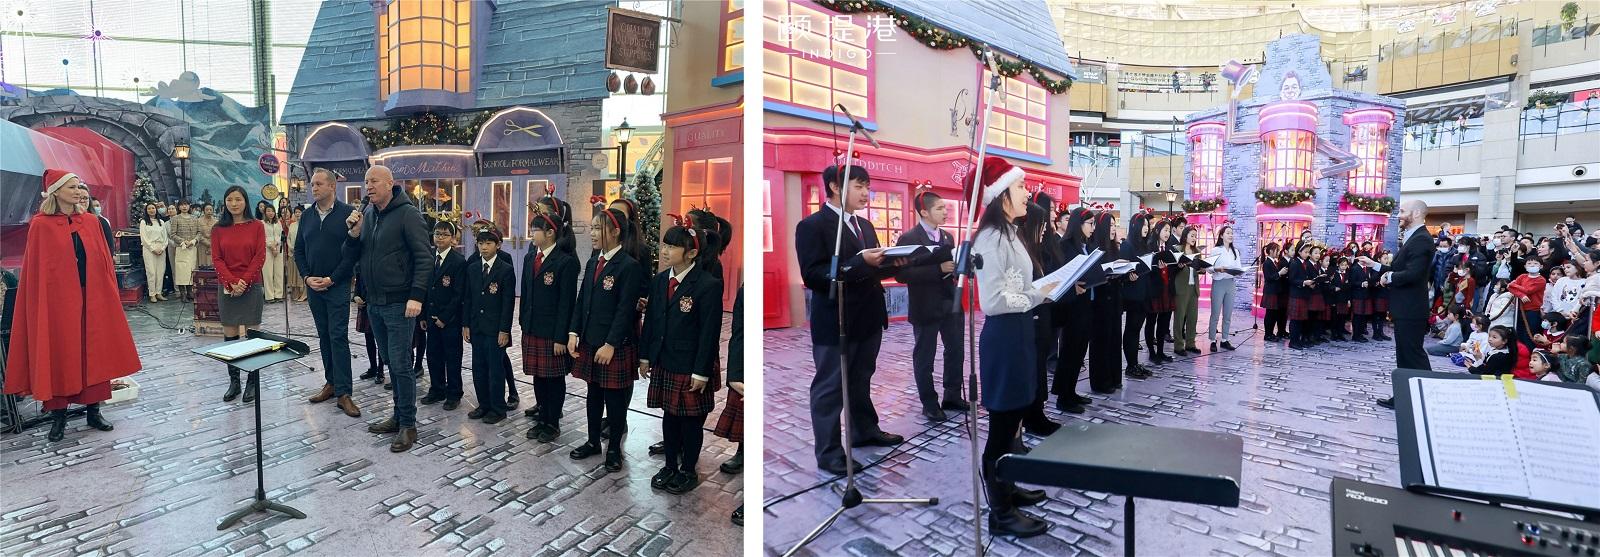 FoD Singing Carols